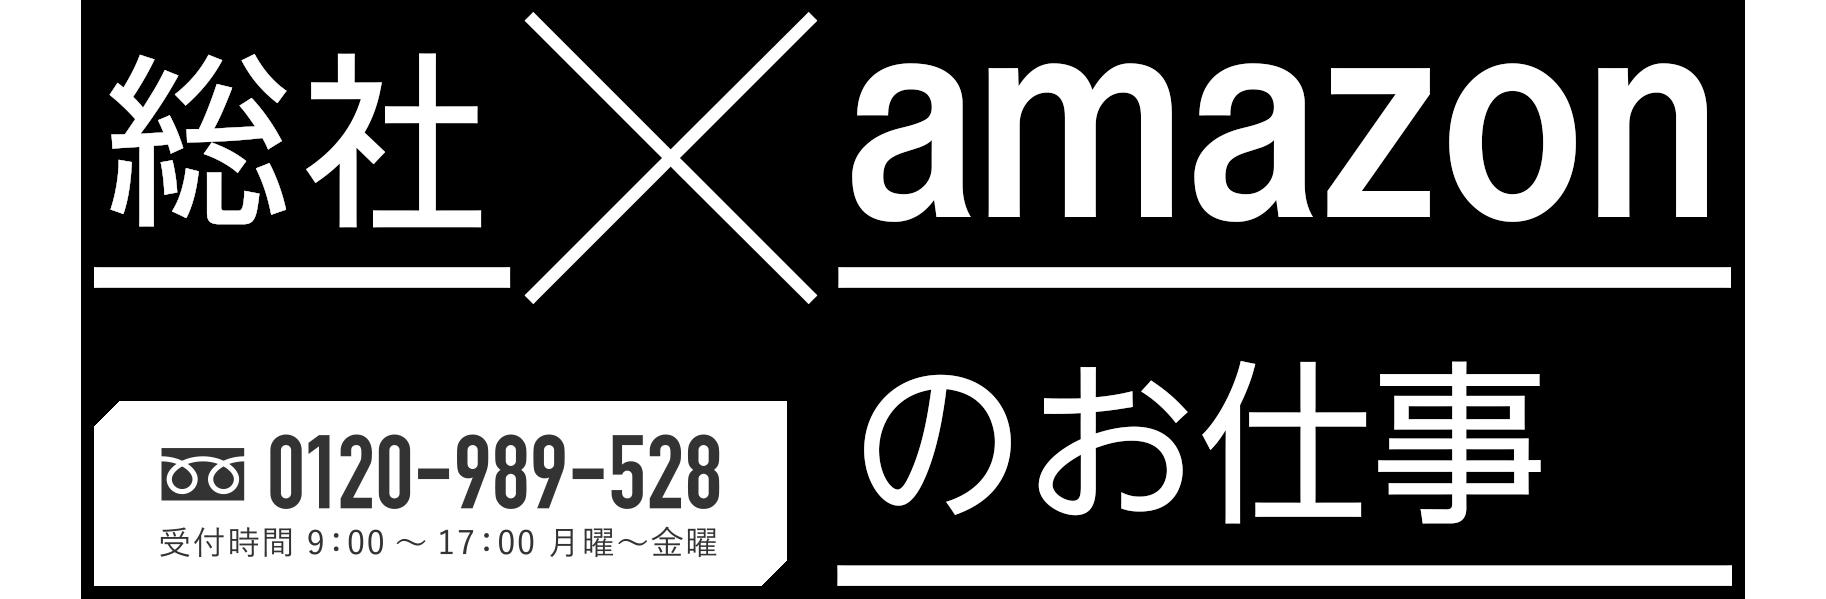 岡山アマゾンで働く!|岡山